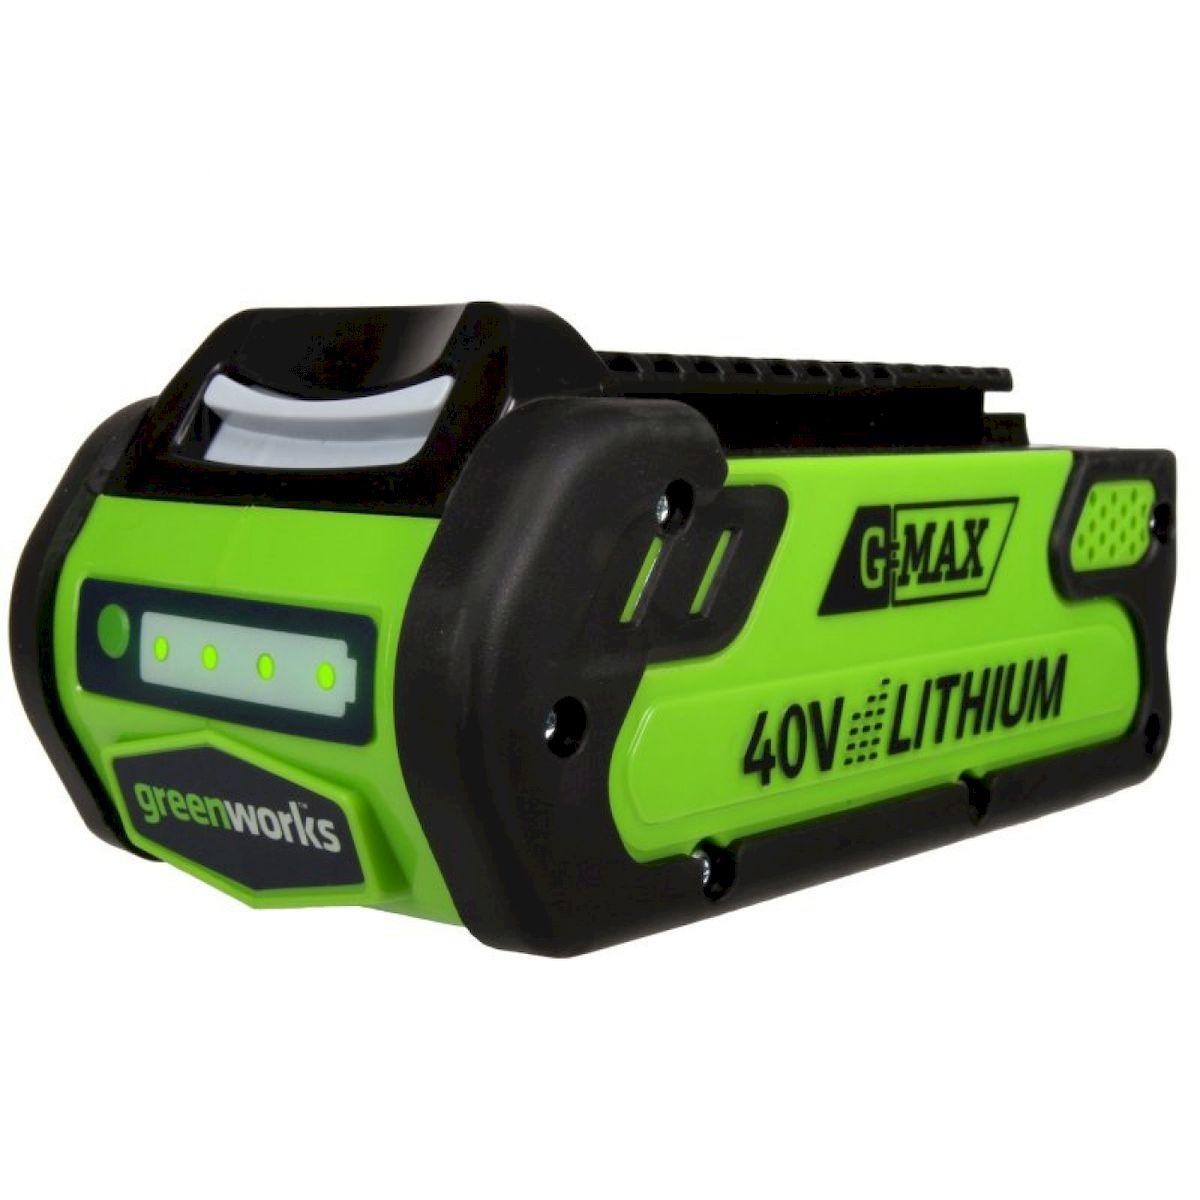 Литий-Ионная аккумуляторная батарея GreenWorks 40В 2Аh29717Сверхмощная аккумуляторная система 40В G-MAX40 Емкость аккумулятора 2 А/ч Время зарядки аккумулятора 40 мин Рабочий температурный режим до -20С Большое количество циклов зарядки-разрядки Совместим со всей линейкой инструмента и садовой техники Greenworks 40В G-MAX40